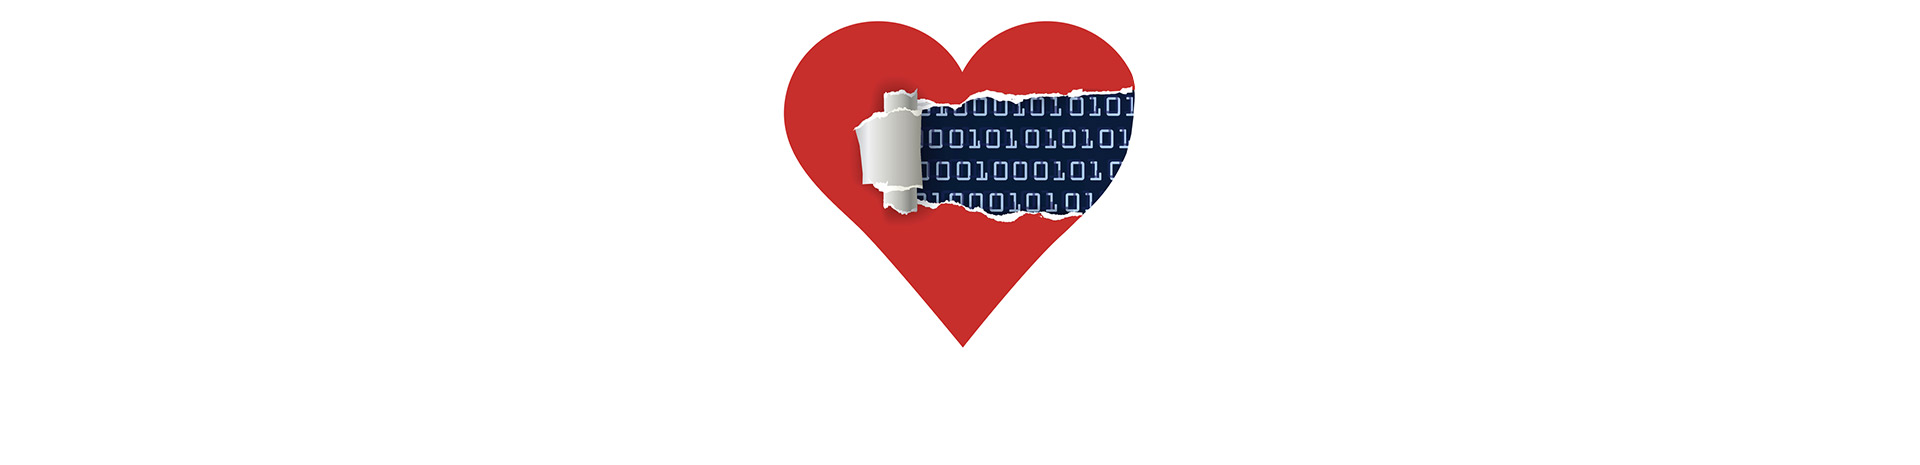 Big Dating. Возможен ли научно обоснованный онлайн-пикап?